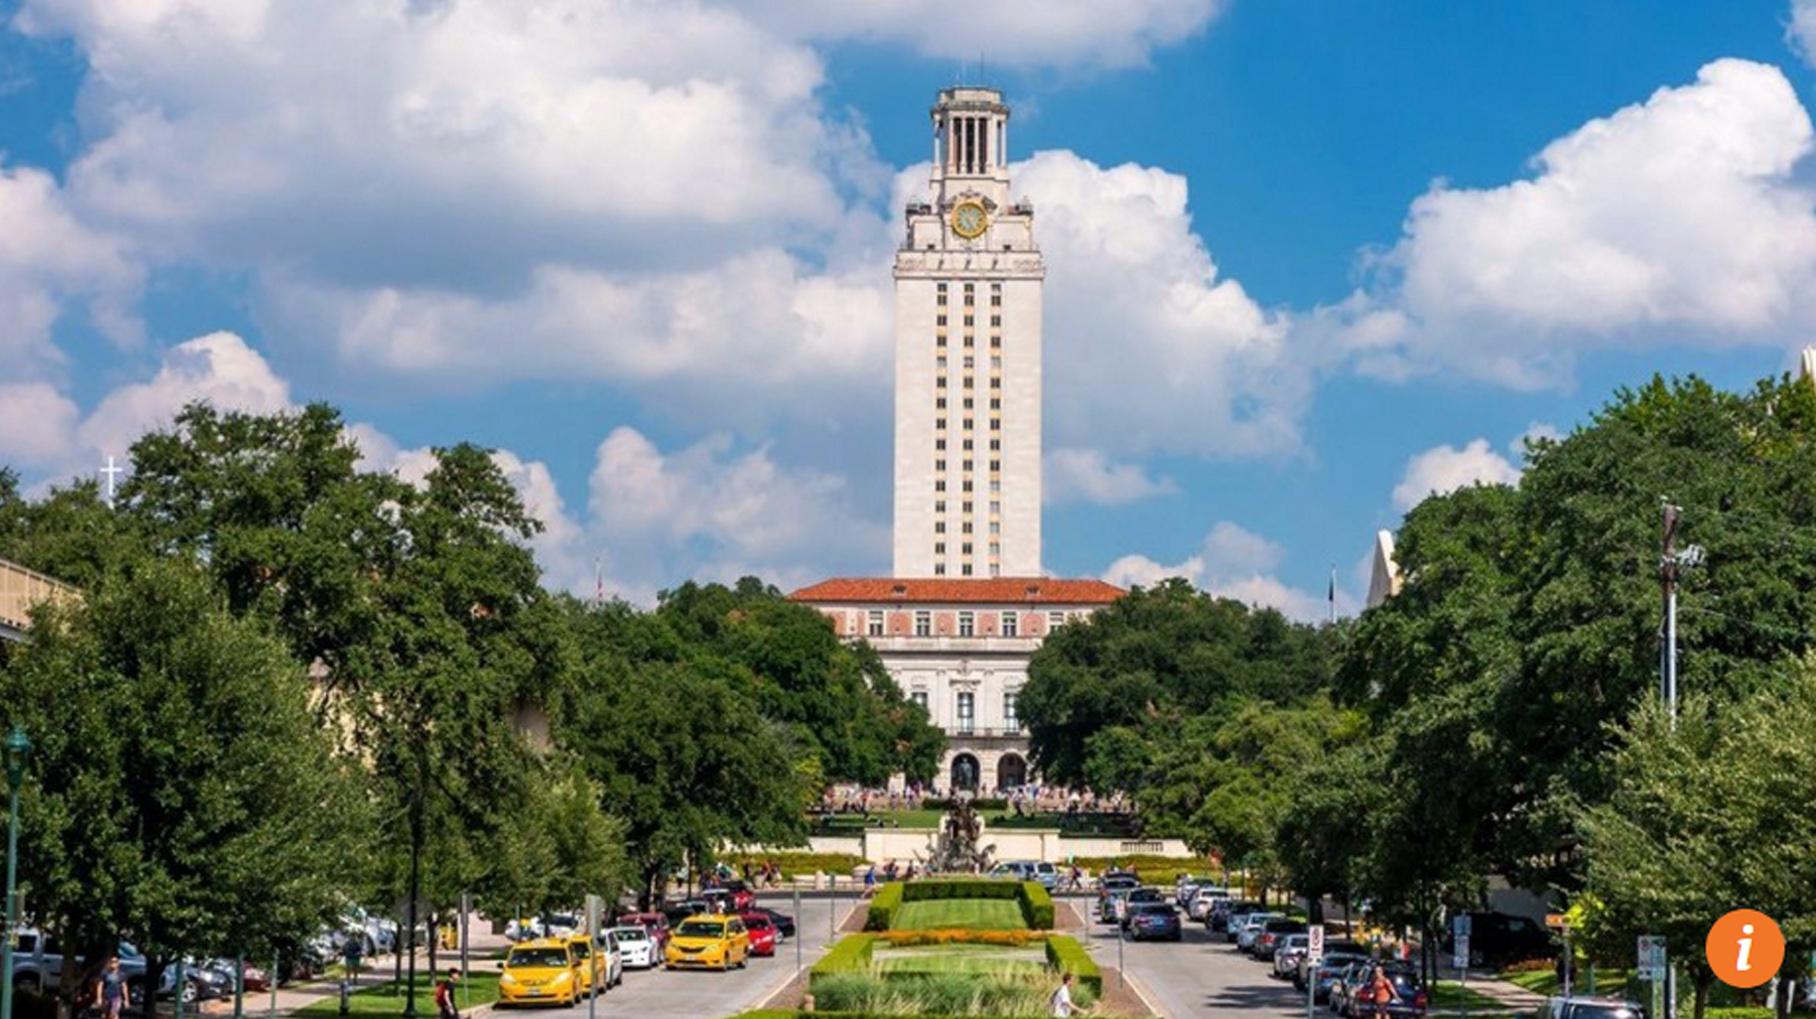 Đại Học Austin từ chối nhận tài trợ từ tổ chức có liên hệ với đảng cộng sản Trung Hoa